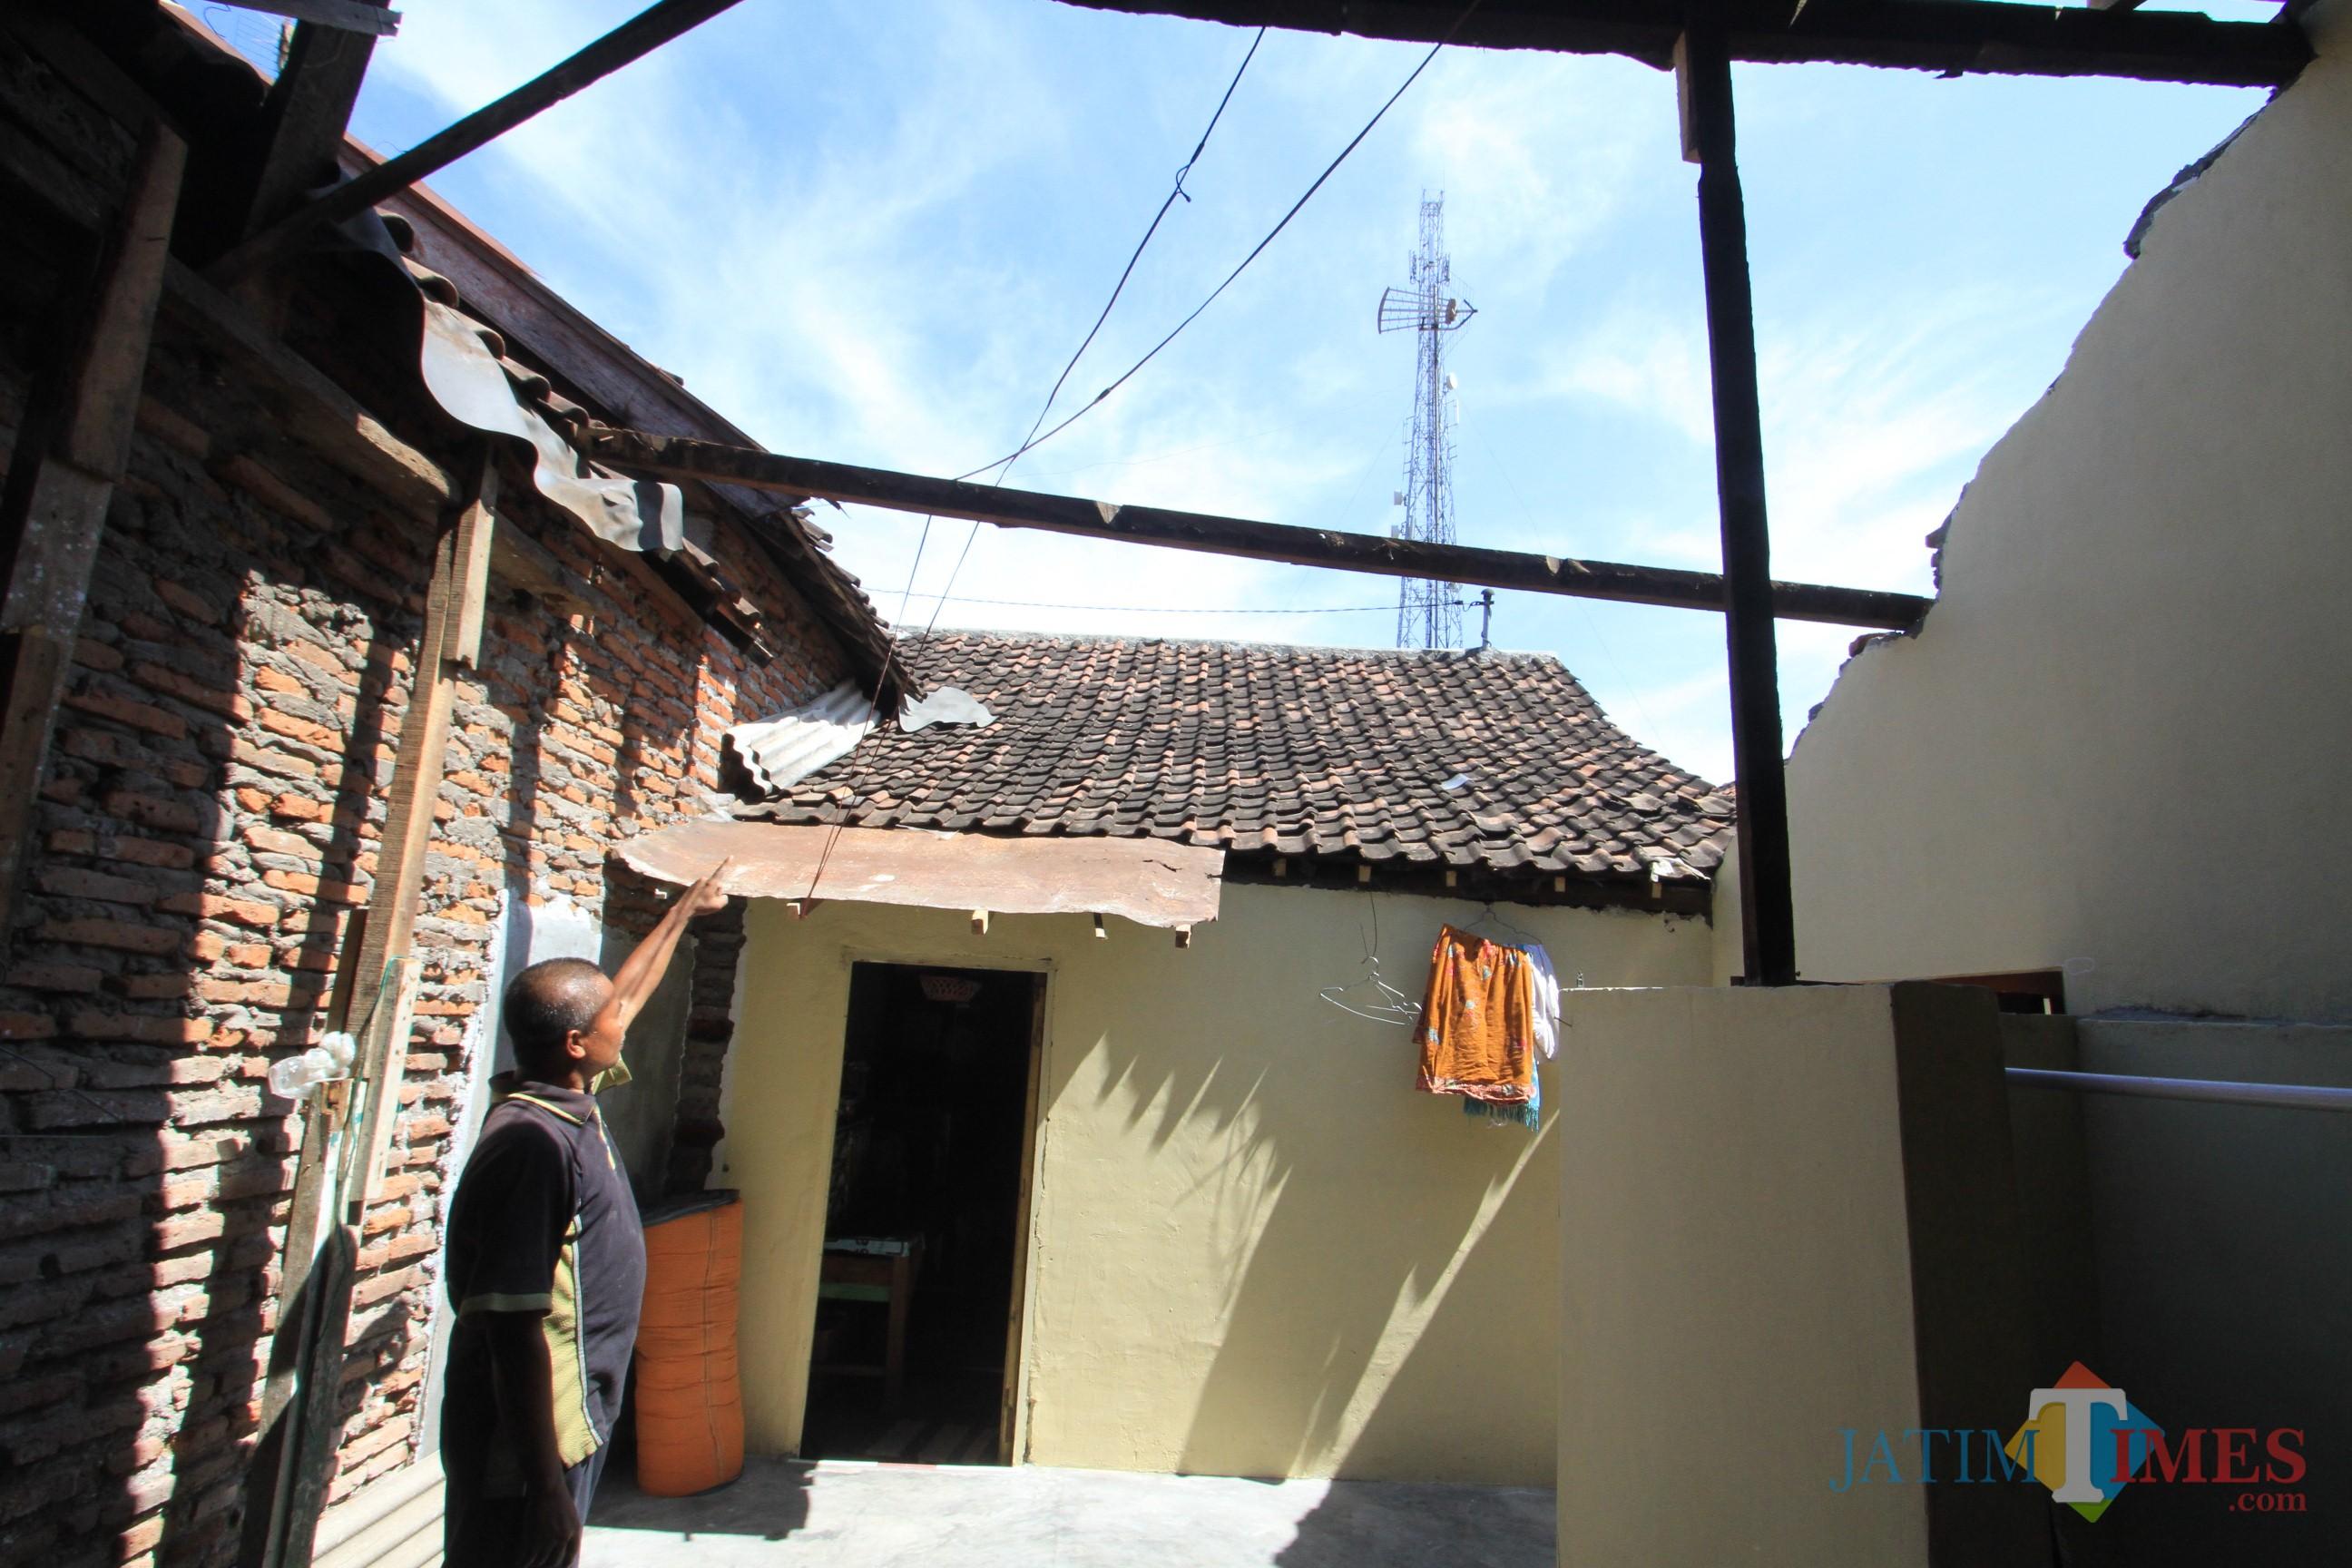 Seneri menunjuk rumah yang tidak ada atapnya karena ditinggal penggerapnya  (Agus Salam/Jatim TIMES)